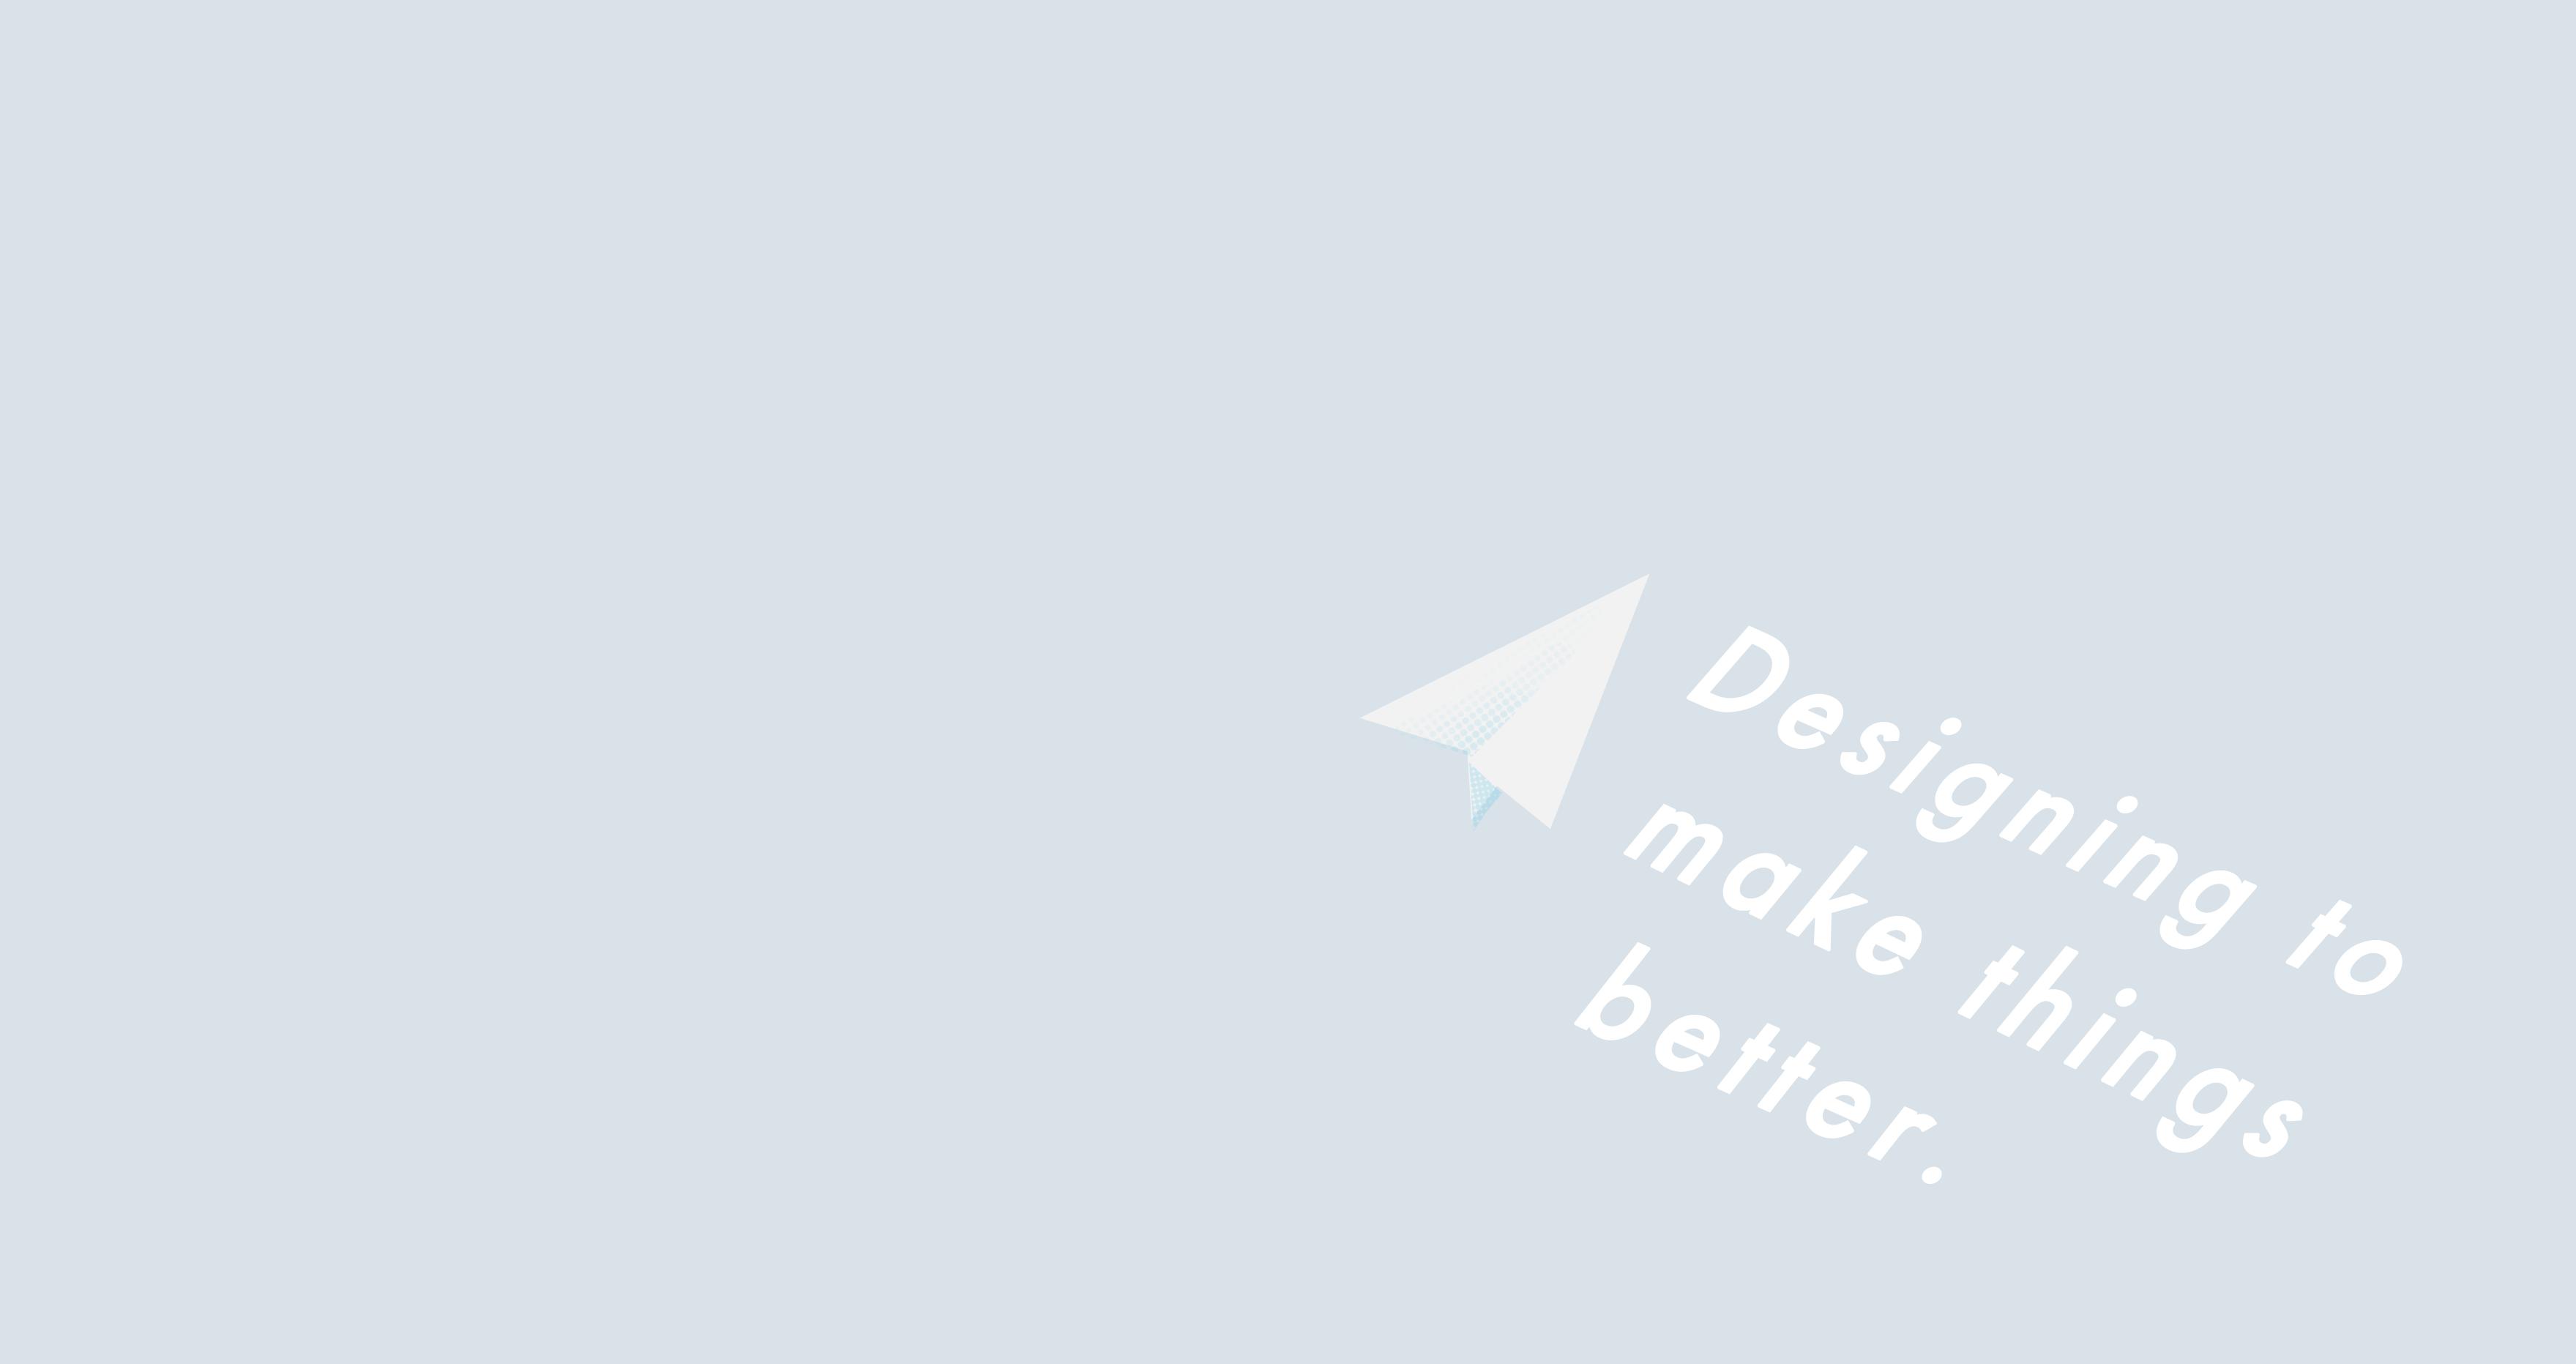 京都のWeb/デザイン会社 F&Iクリエイトのコンセプト:「Designing to make things better」